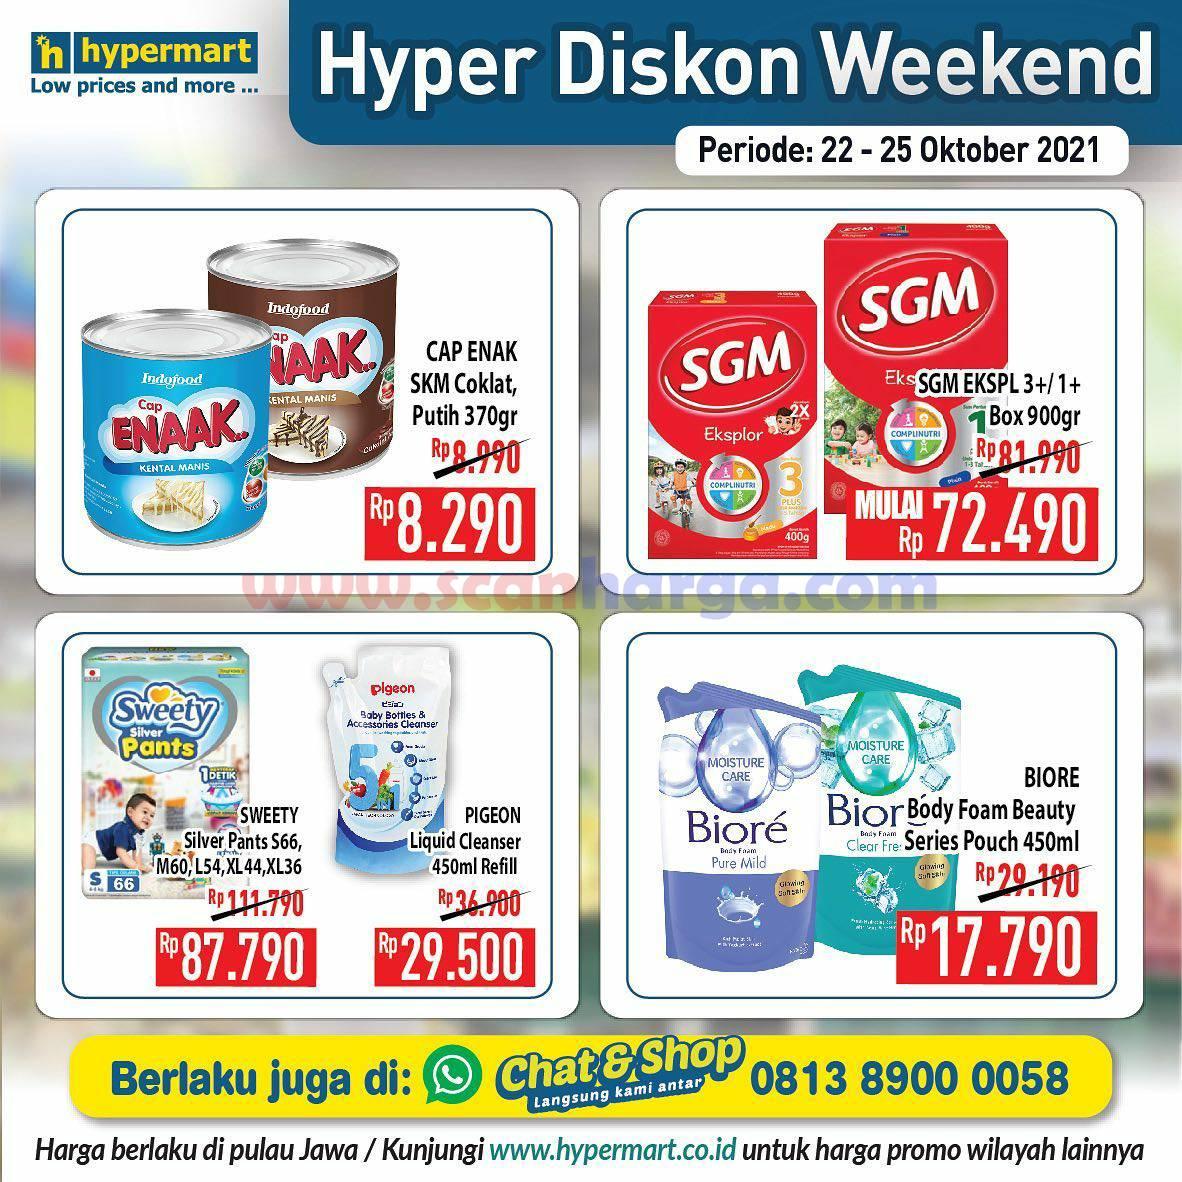 Promo Hypermart Weekend Terbaru 22 - 25 Oktober 2021 8